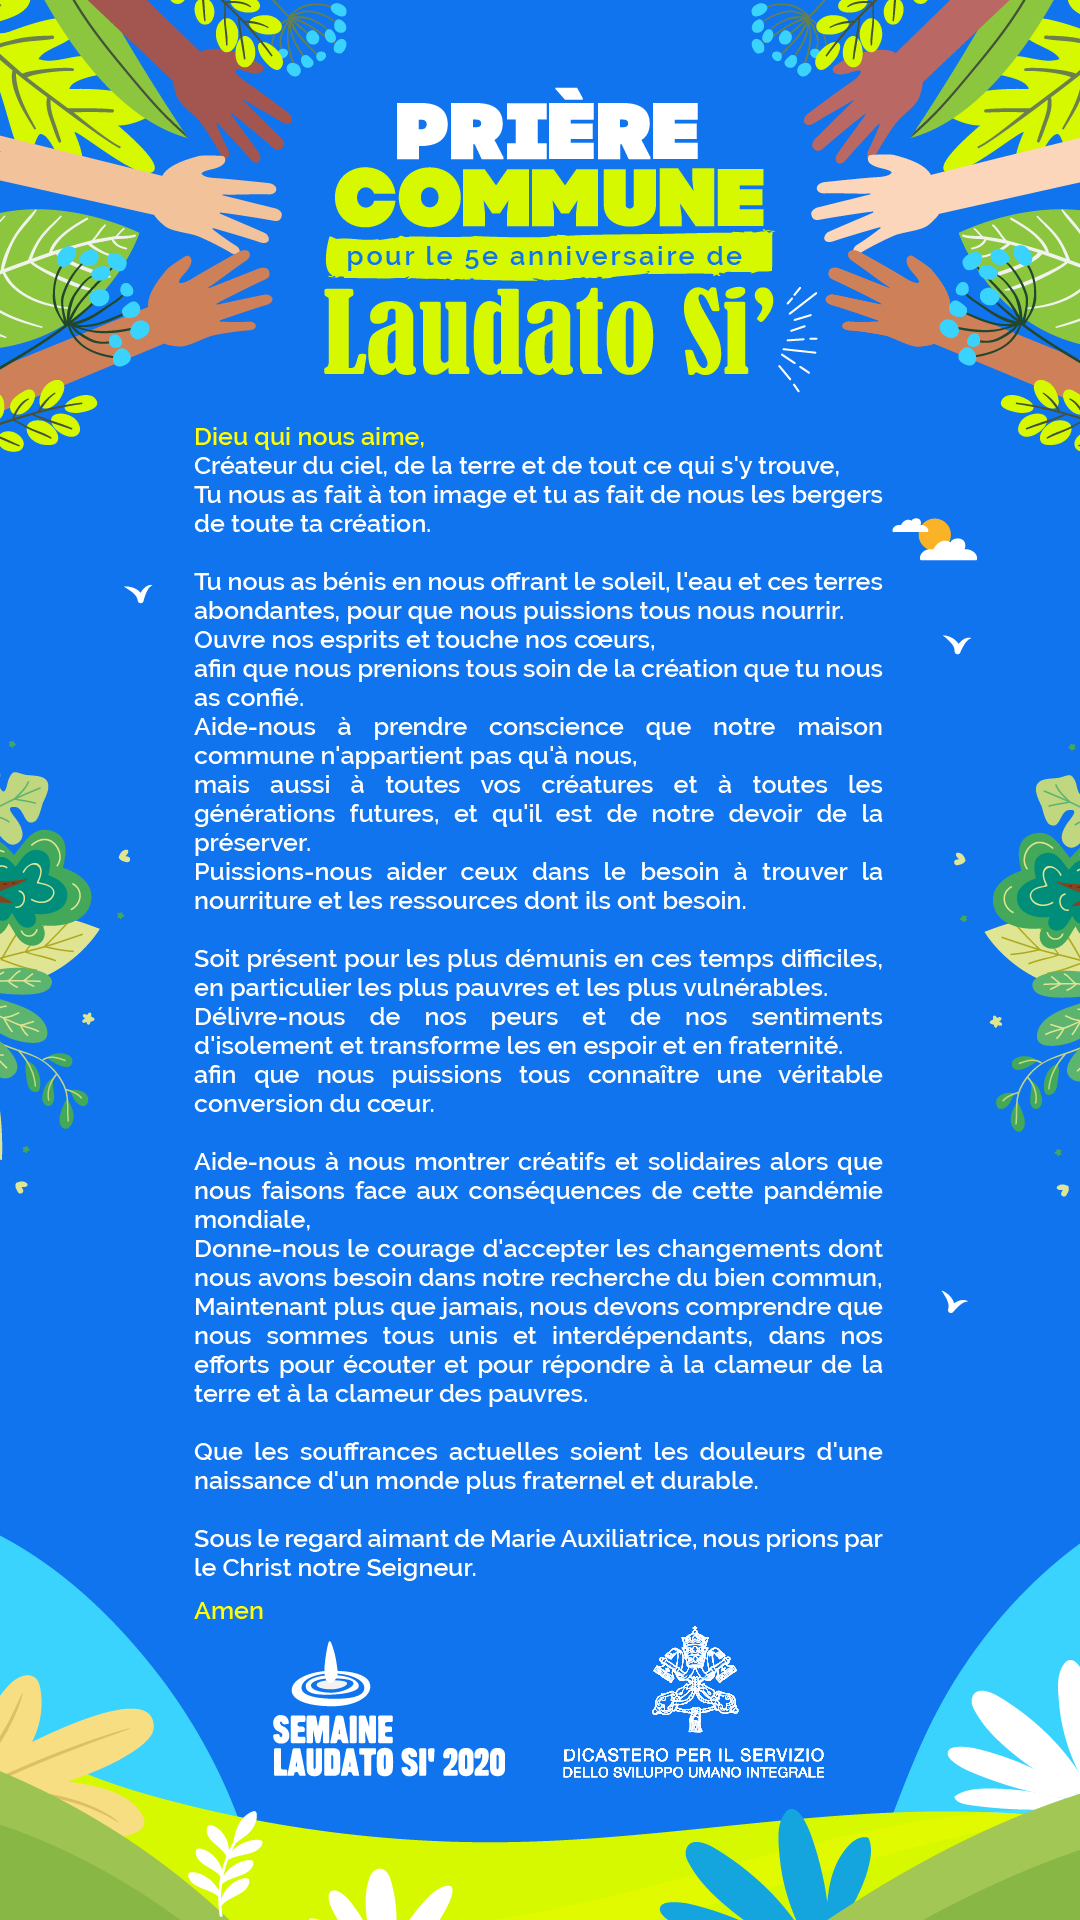 prière commune pour le 5ème anniversaire de Laudato si